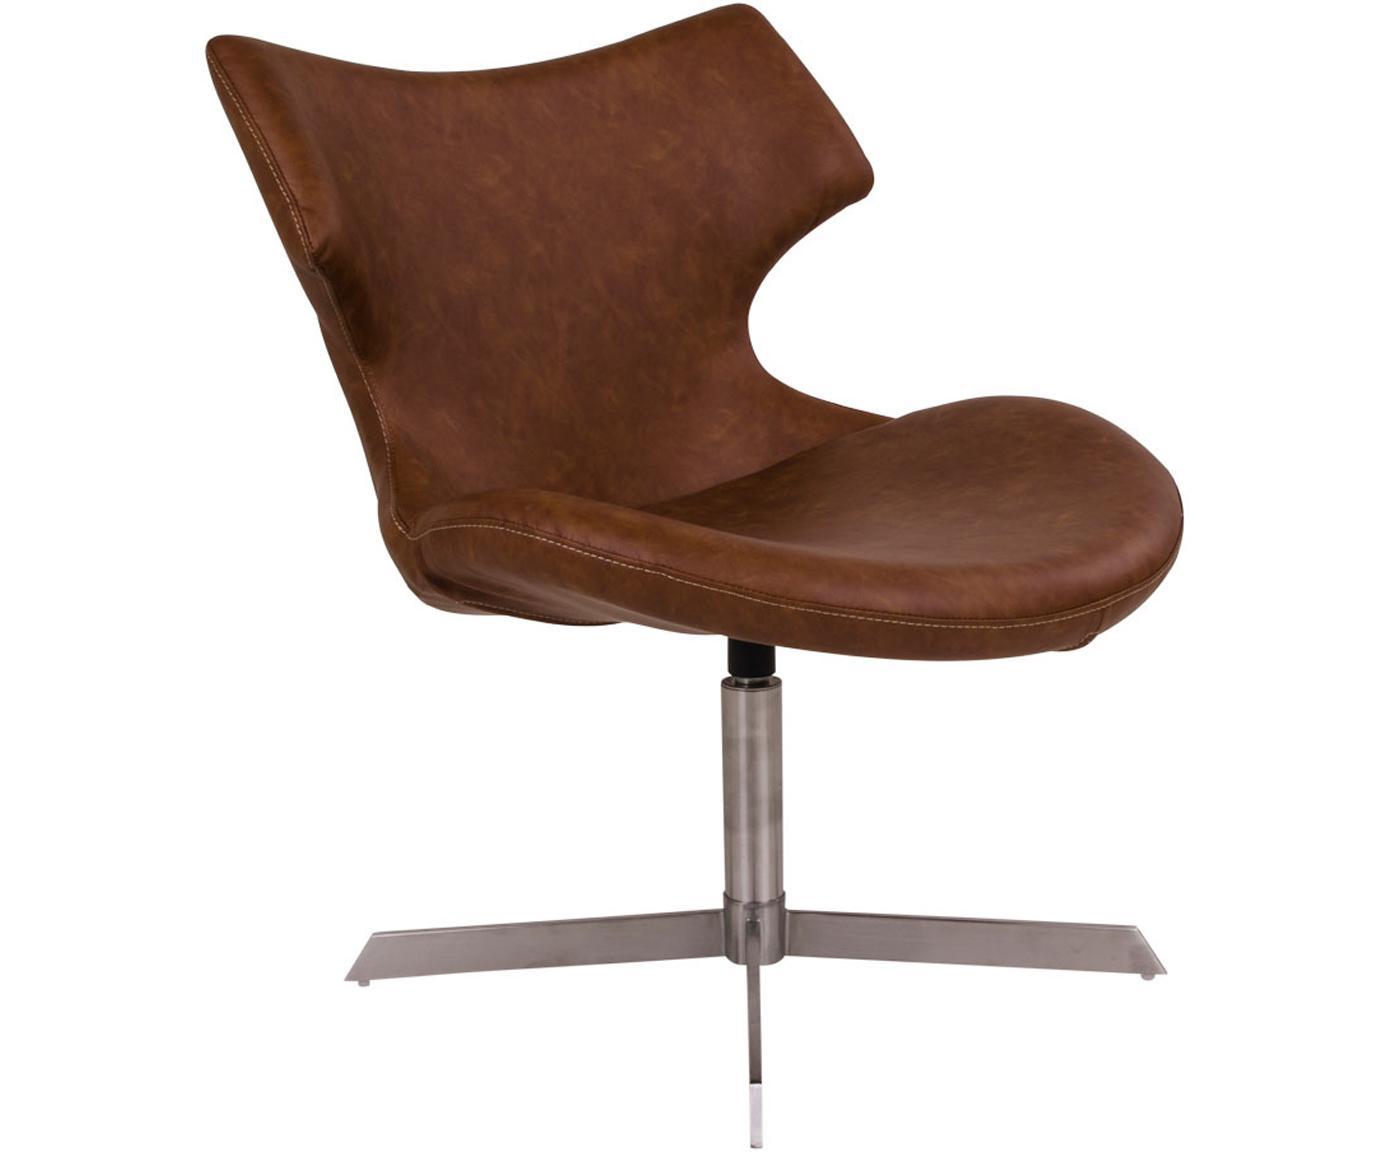 Sedia a poltrona girevole in similpelle Zampi, Rivestimento: similpelle, Struttura: acciaio, Marrone, acciaio, Larg. 70 x Prof. 65 cm